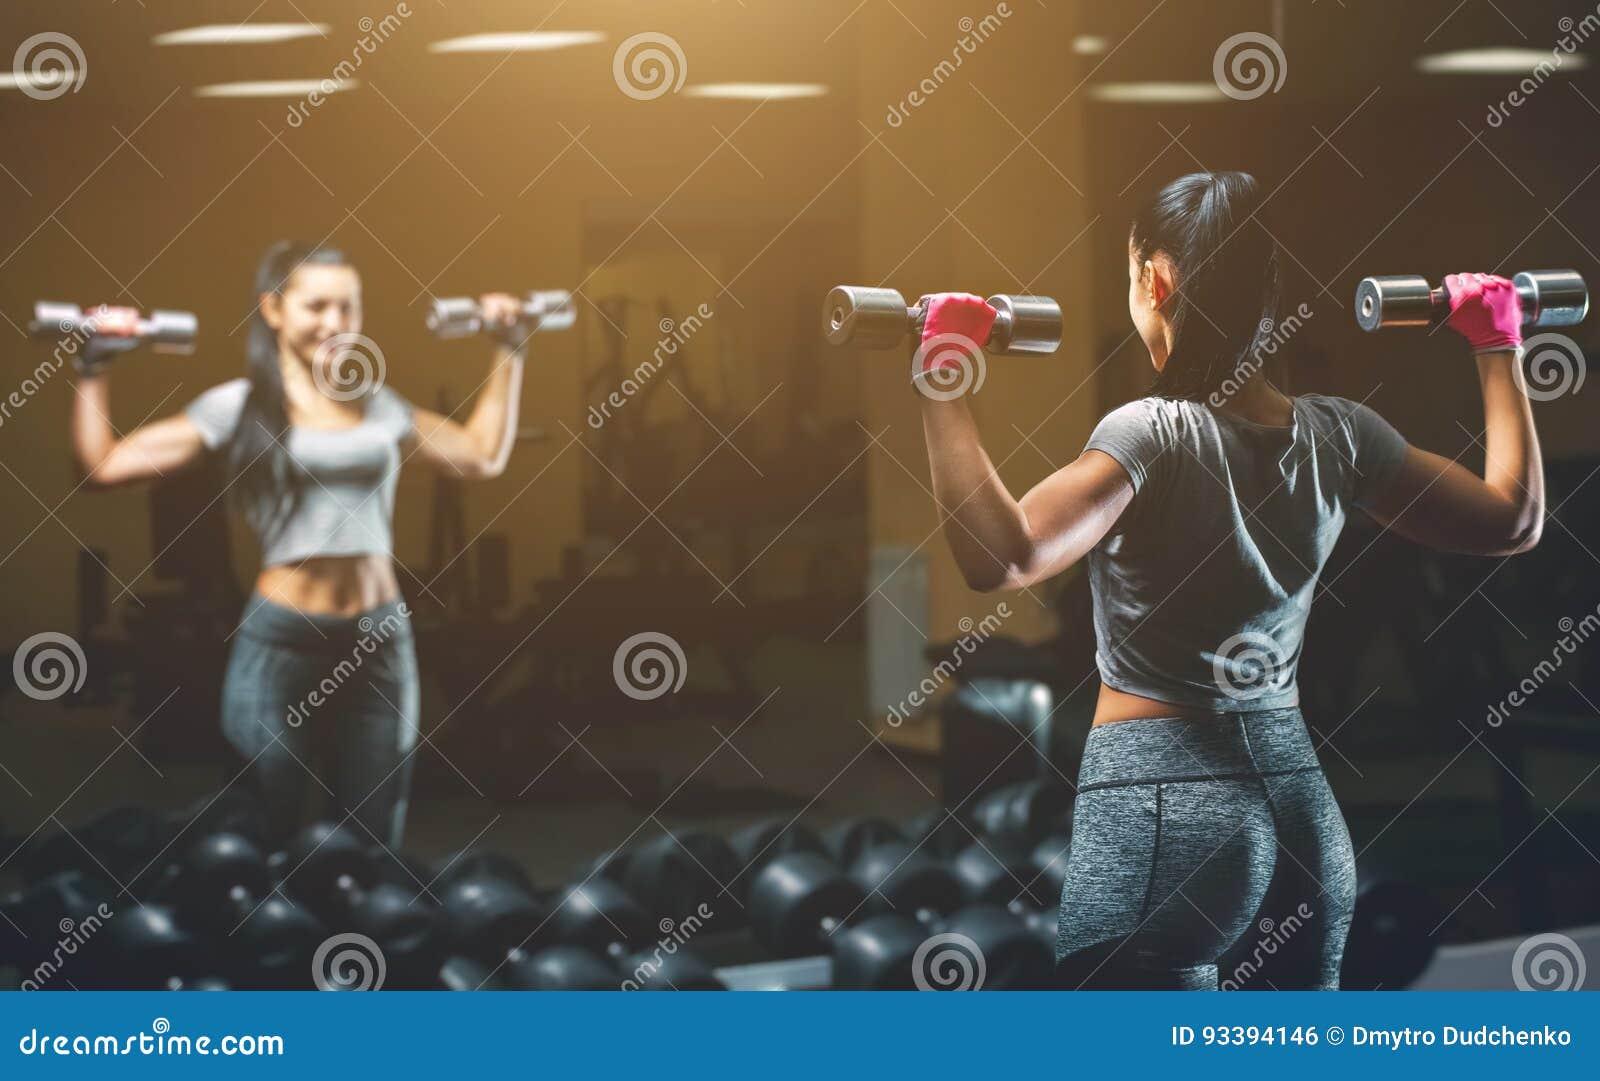 亭亭玉立,爱好健美者女孩,举站立在镜子前面的重的哑铃,当训练在健身房时